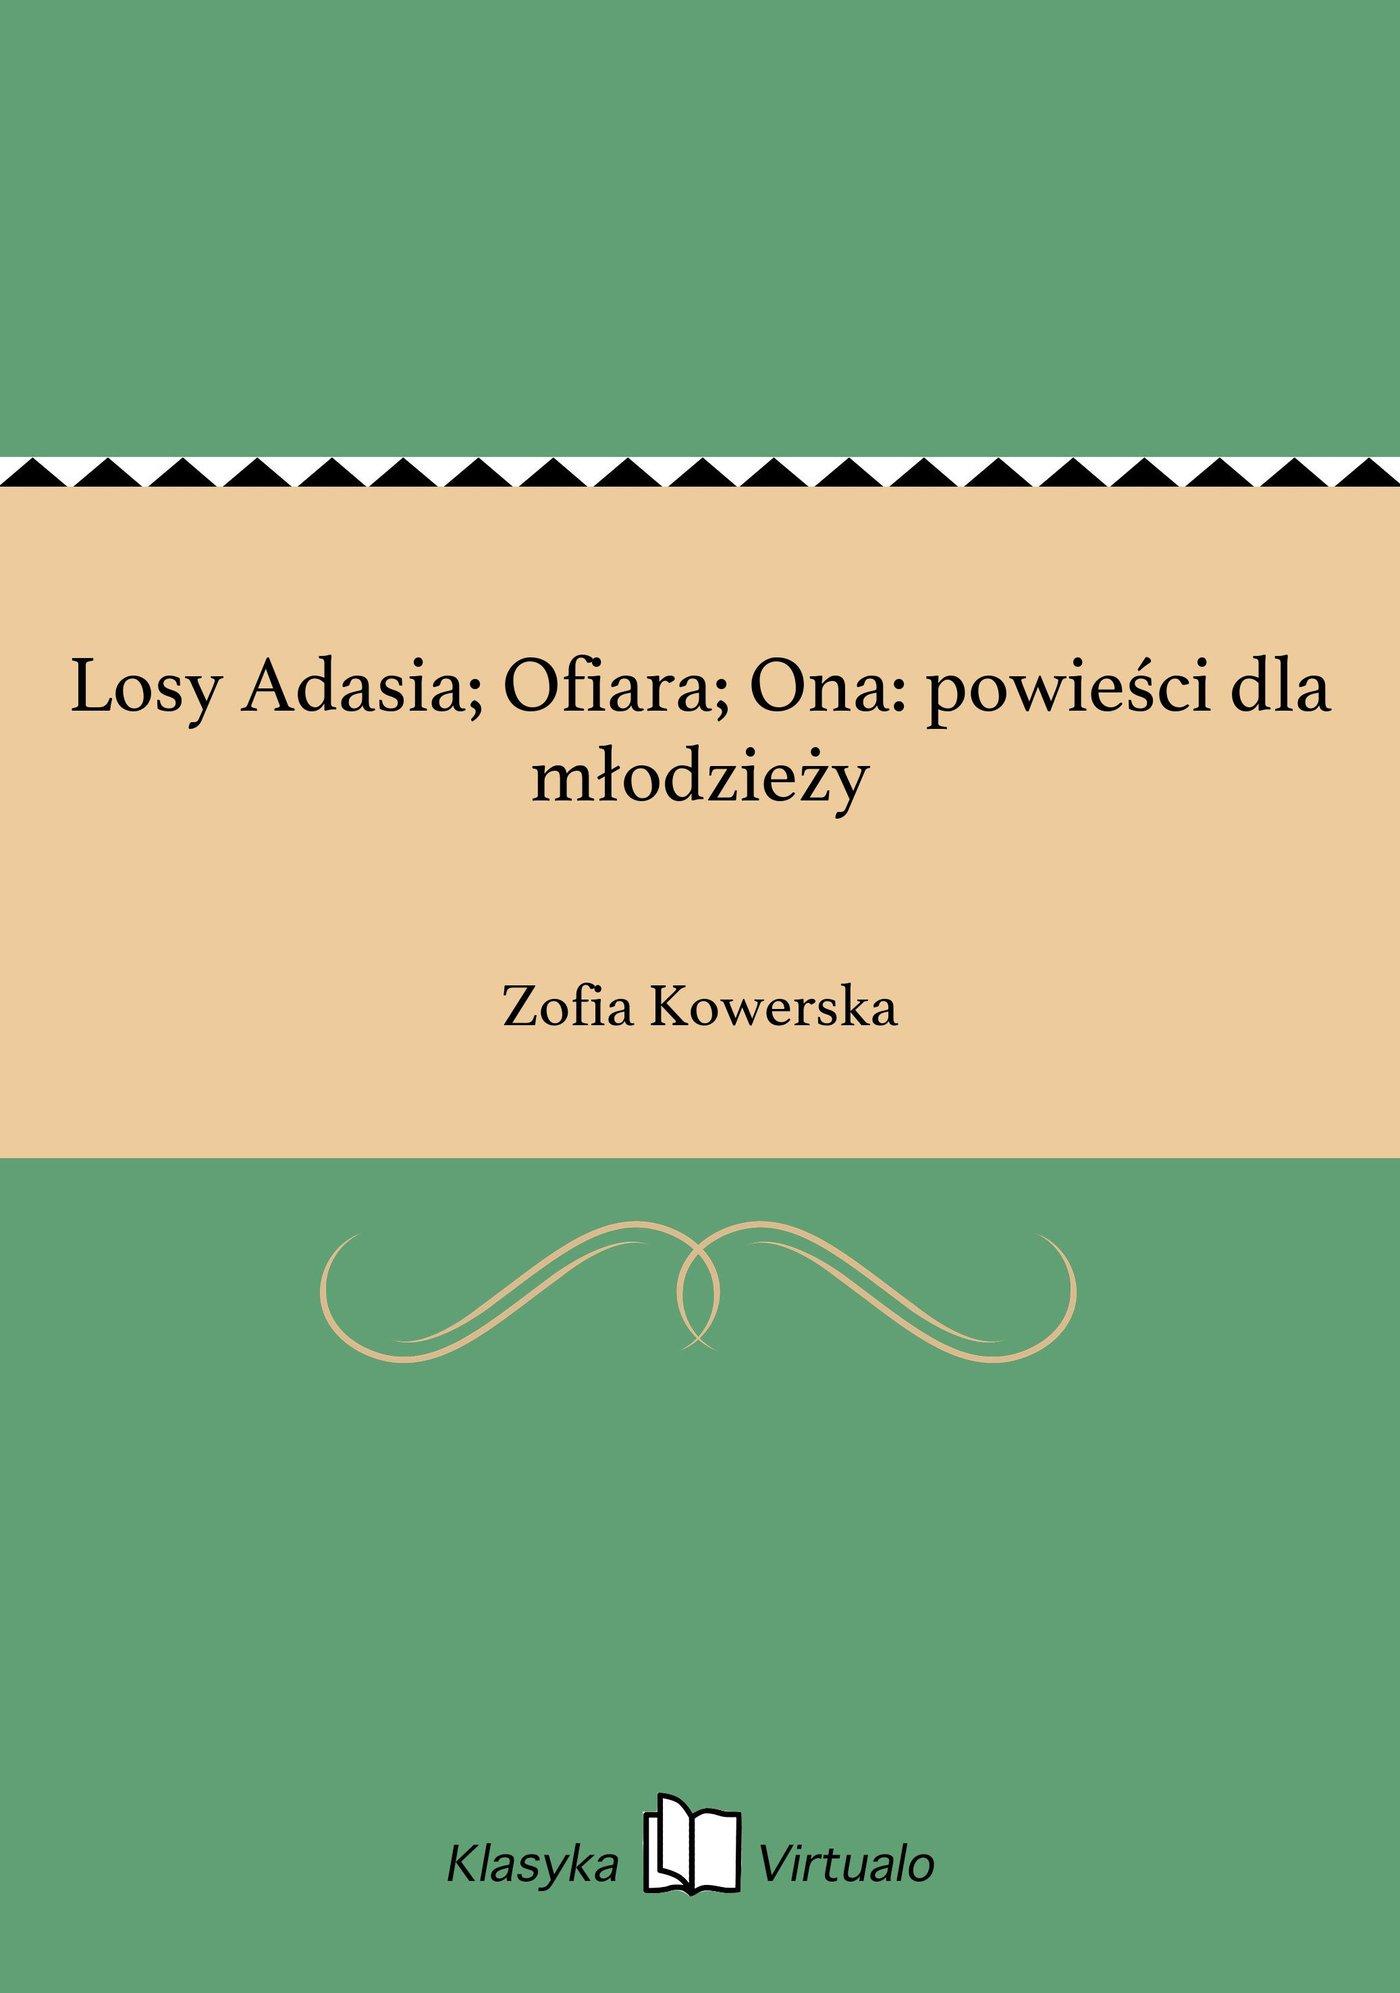 Losy Adasia; Ofiara; Ona: powieści dla młodzieży - Ebook (Książka EPUB) do pobrania w formacie EPUB